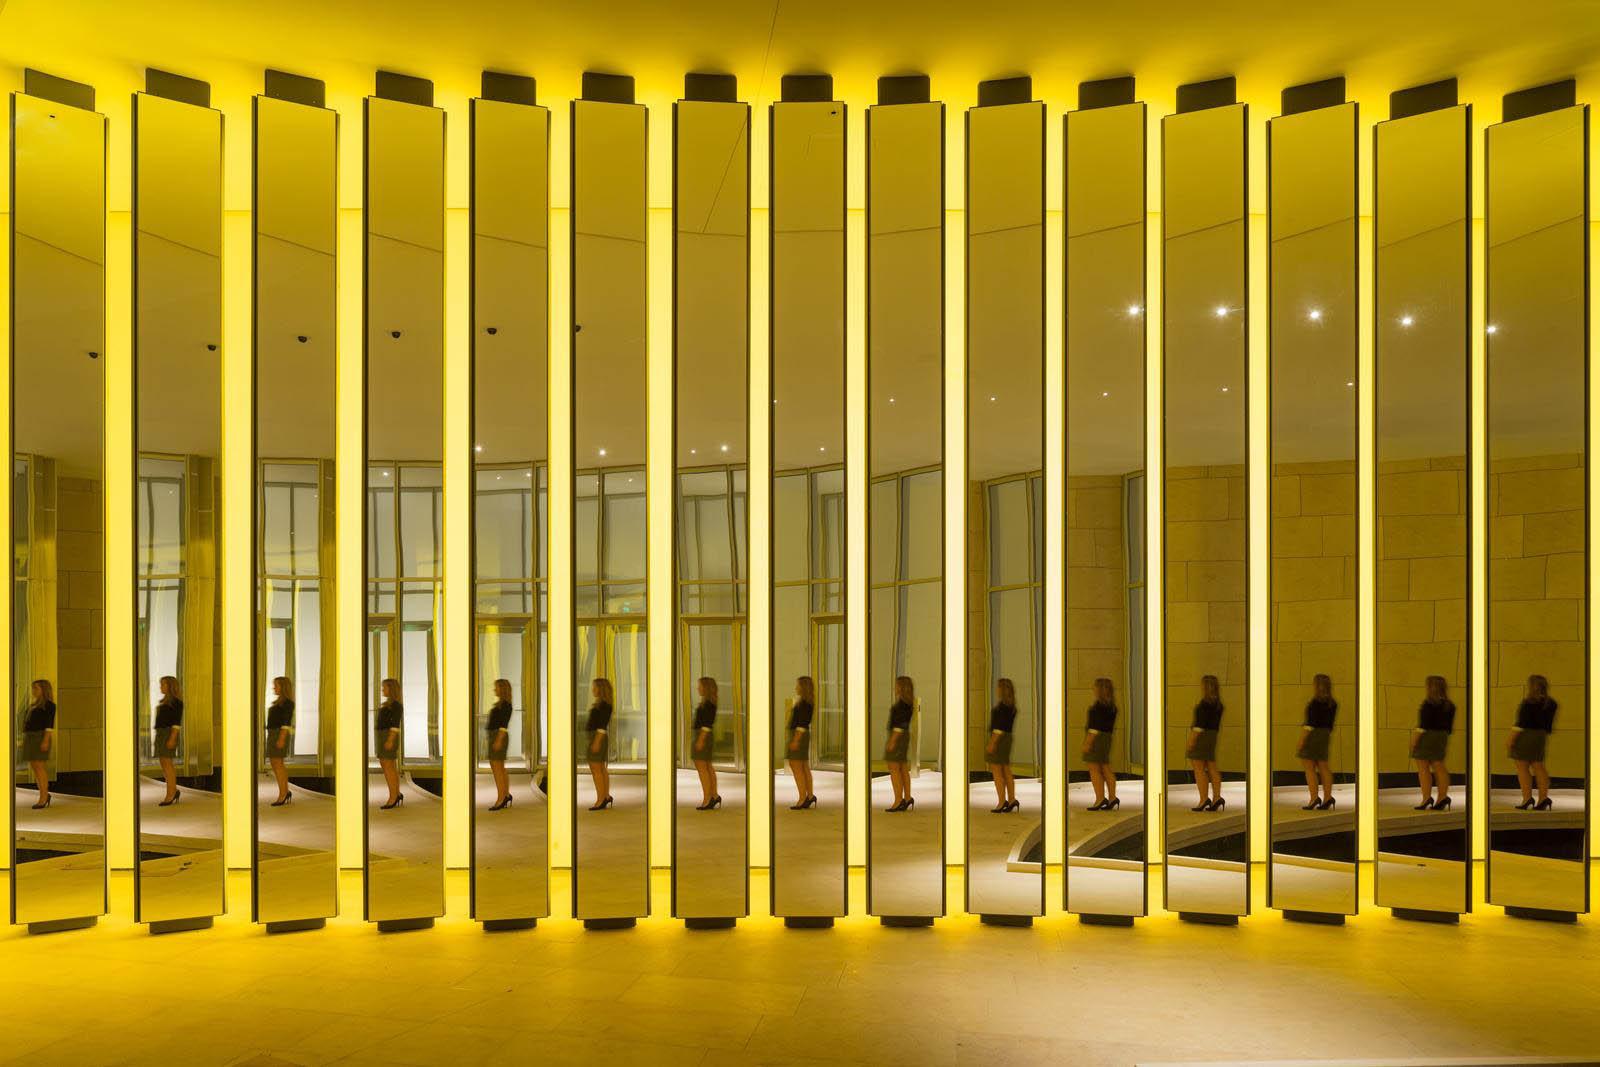 Atelier Emmanuel Barrois, Fondation Louis Vuitton, Olafur Eliasson 1